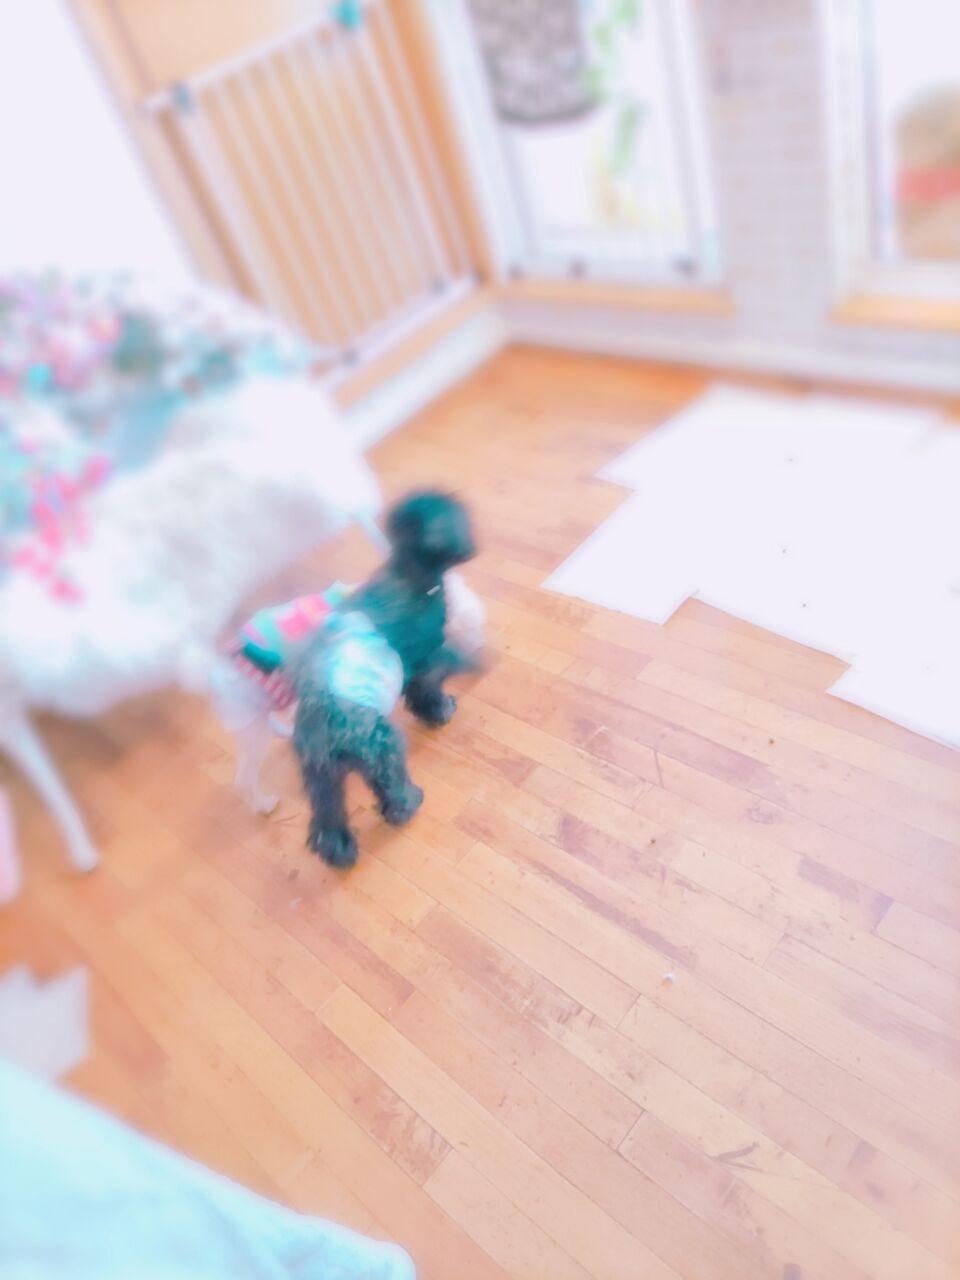 21-01-10-10-59-43-666_photo